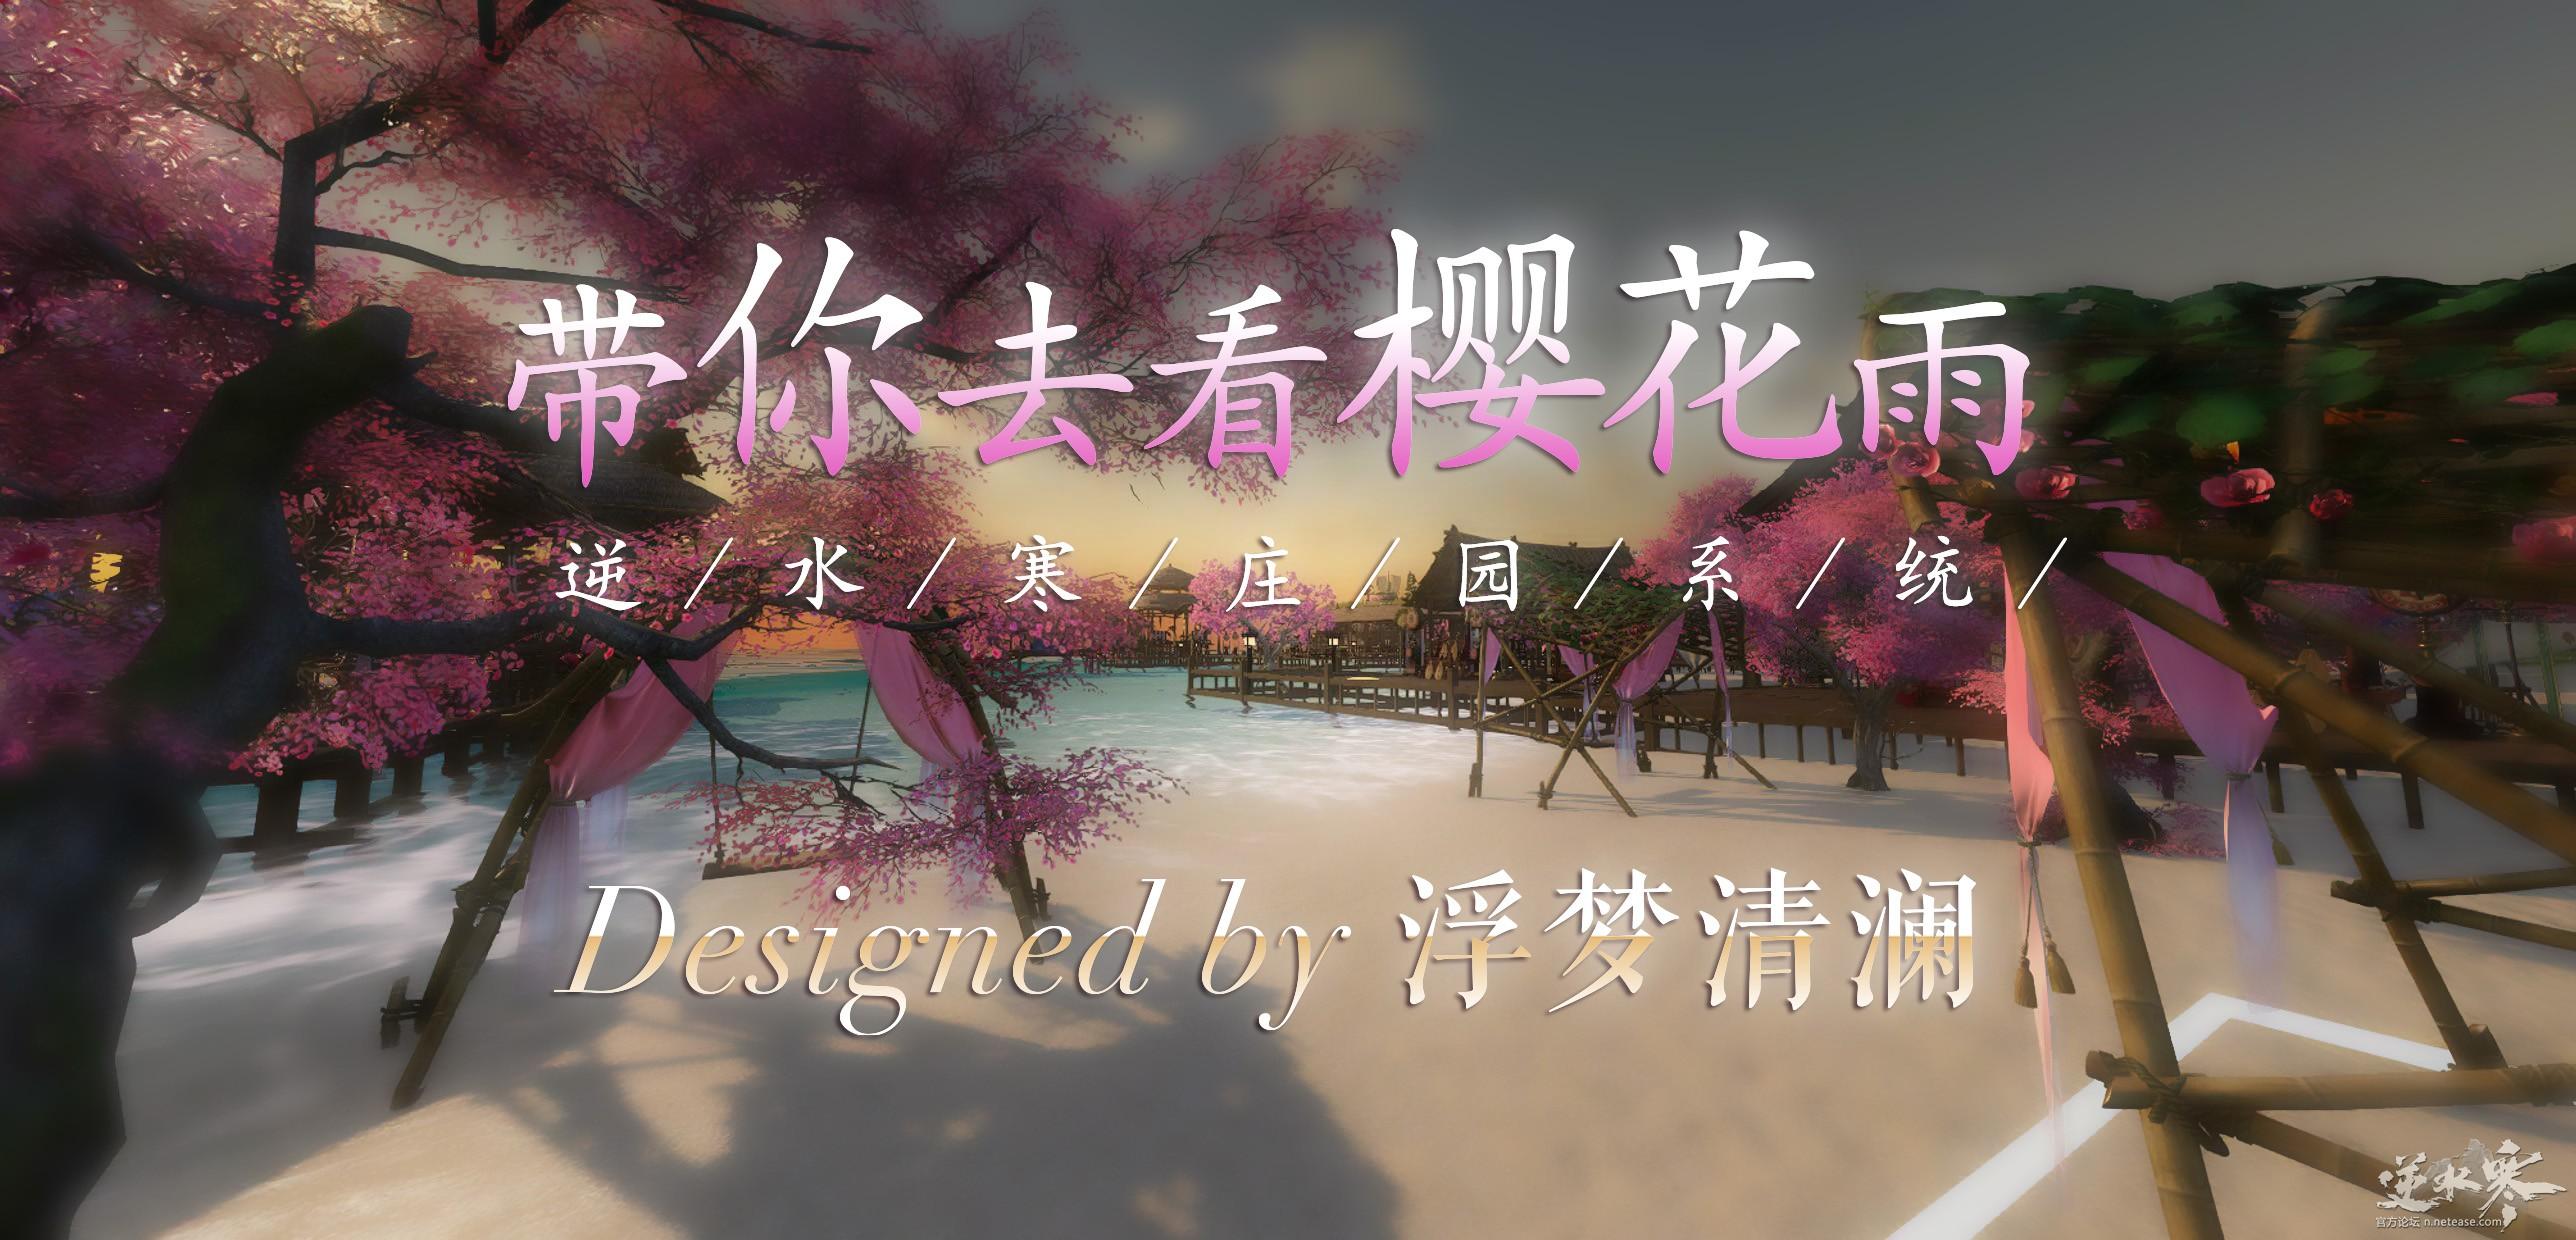 【庄园视频】【海滩】带你去看海滩の浪漫樱花雨